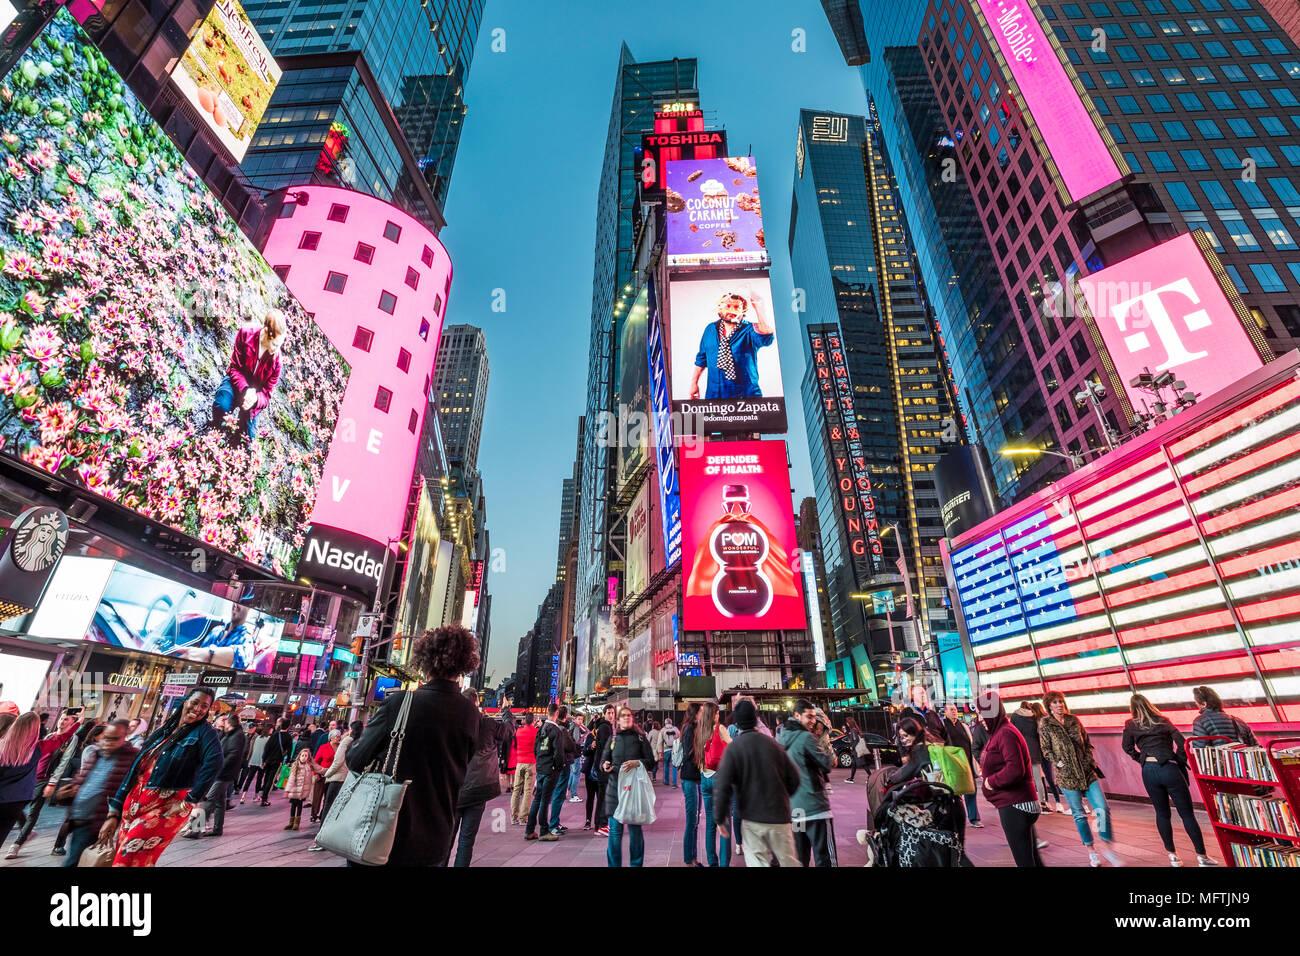 La ville de New York aux Etats-Unis à Times Square. Photo Stock